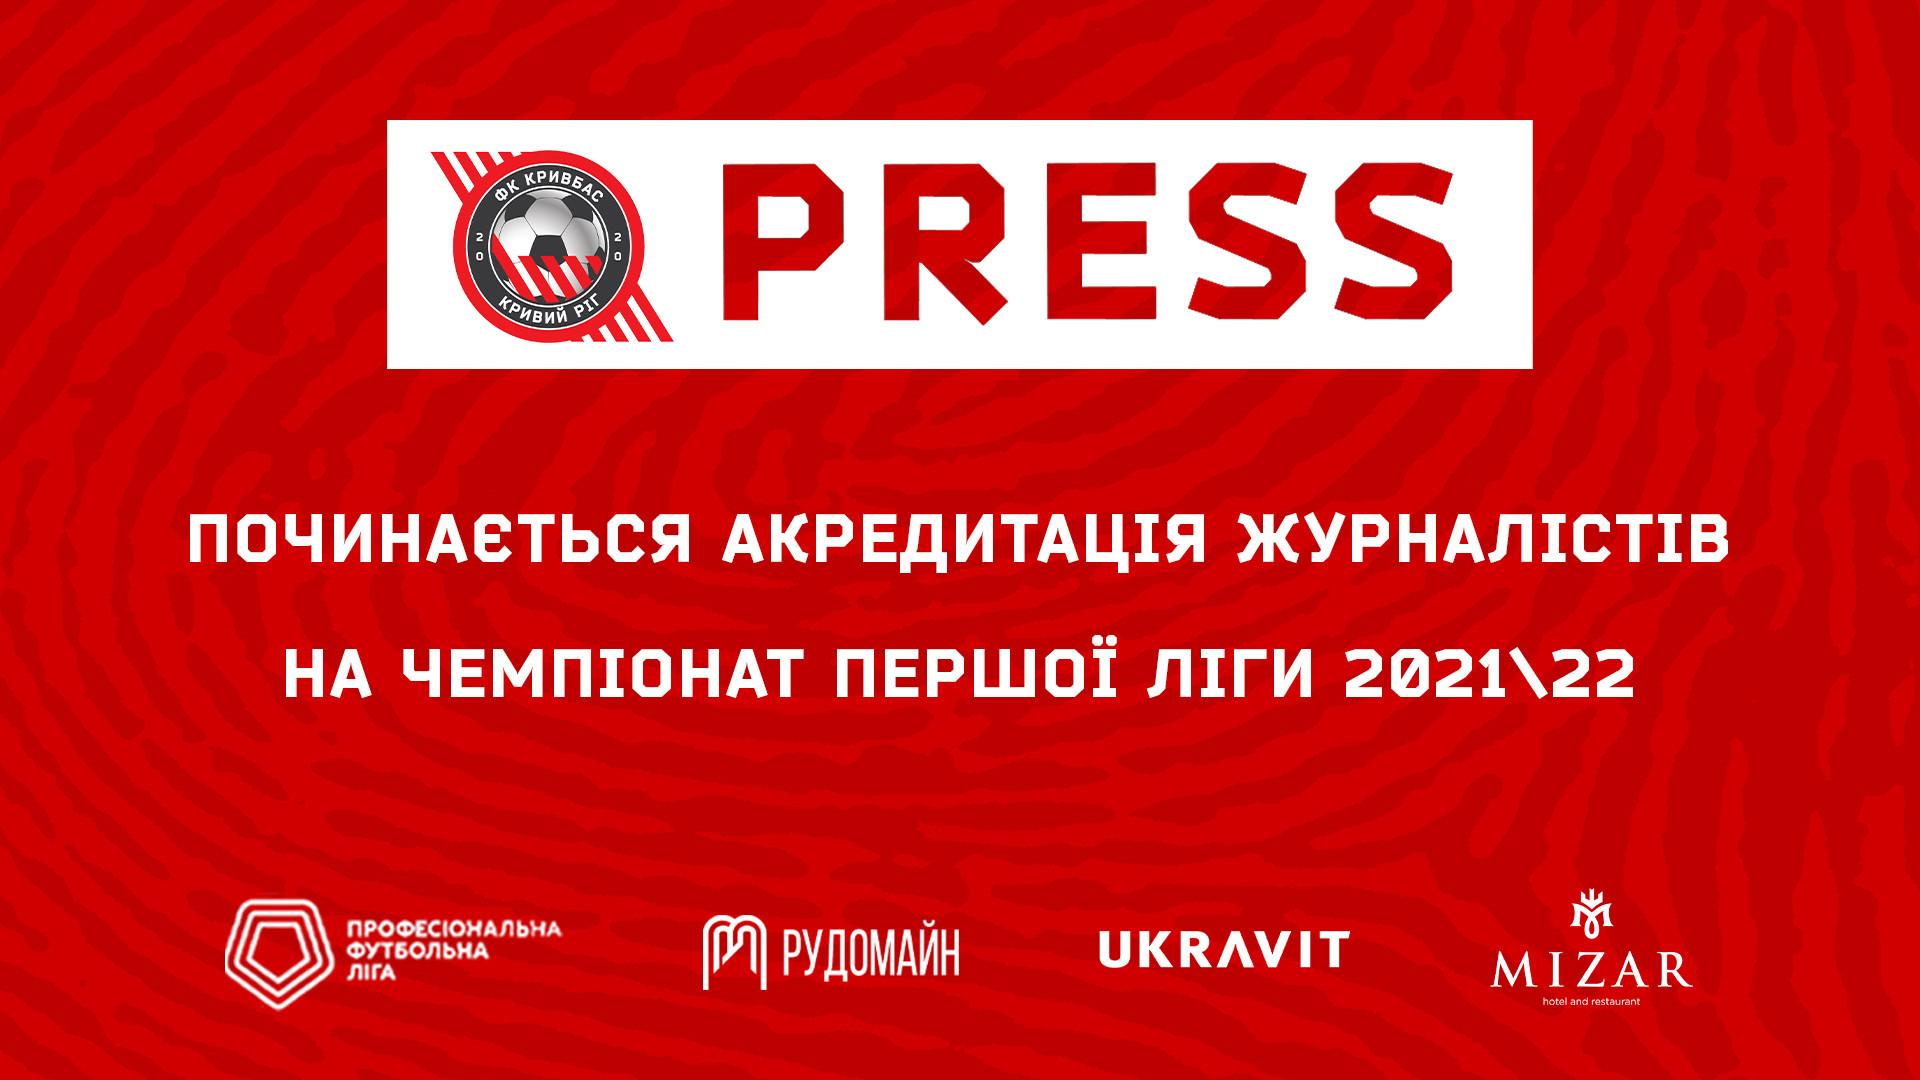 Акредитація журналістів на сезон Першої ліги-2021/22}